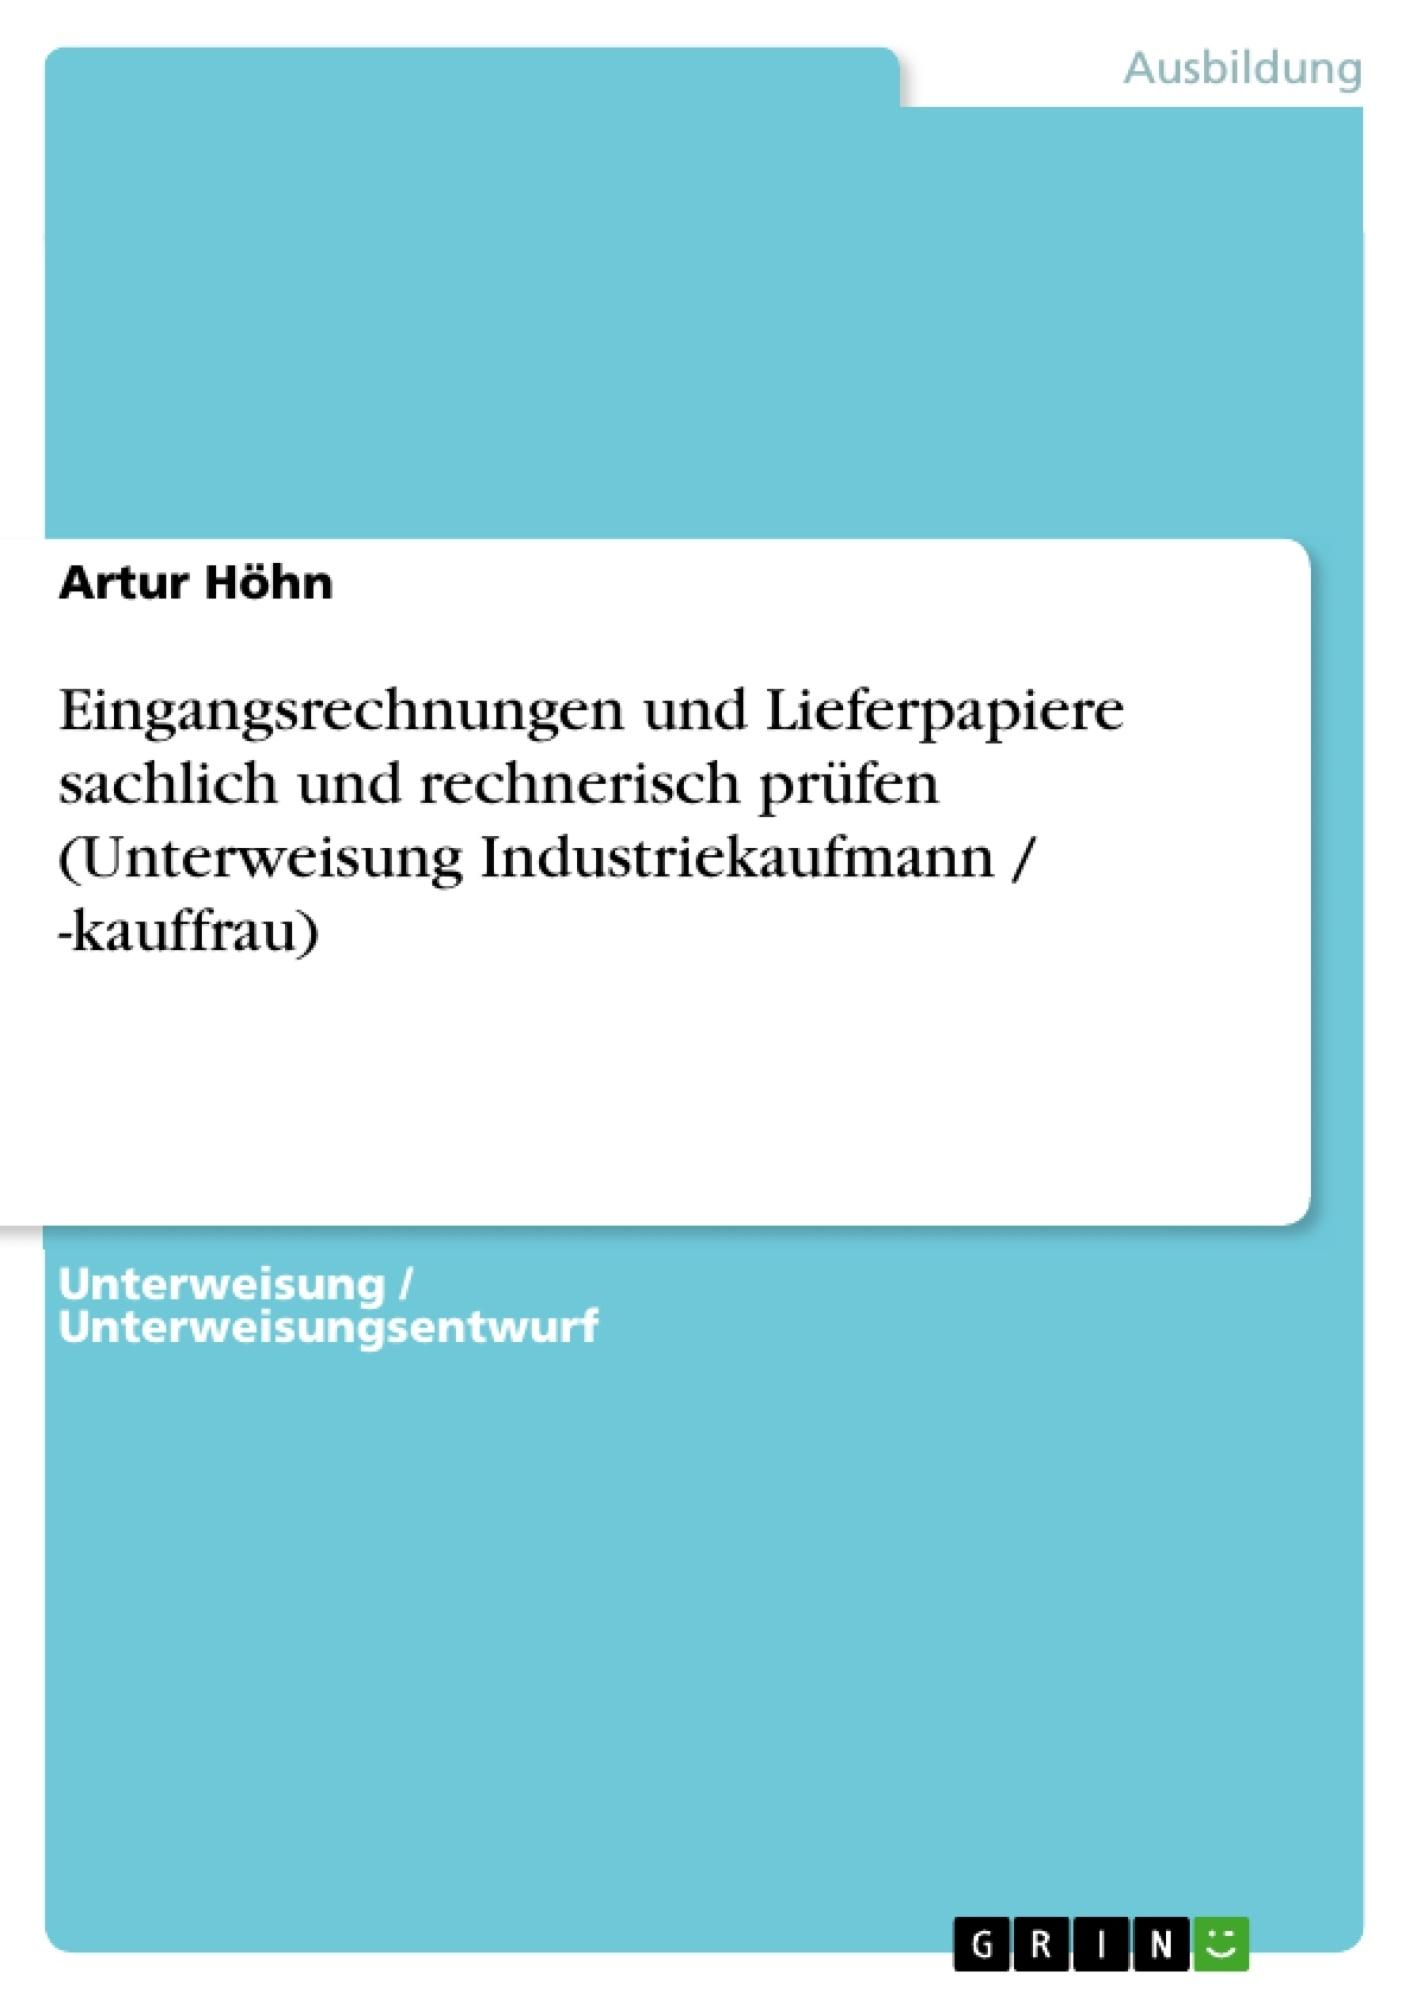 Titel: Eingangsrechnungen und Lieferpapiere sachlich und rechnerisch prüfen (Unterweisung Industriekaufmann / -kauffrau)